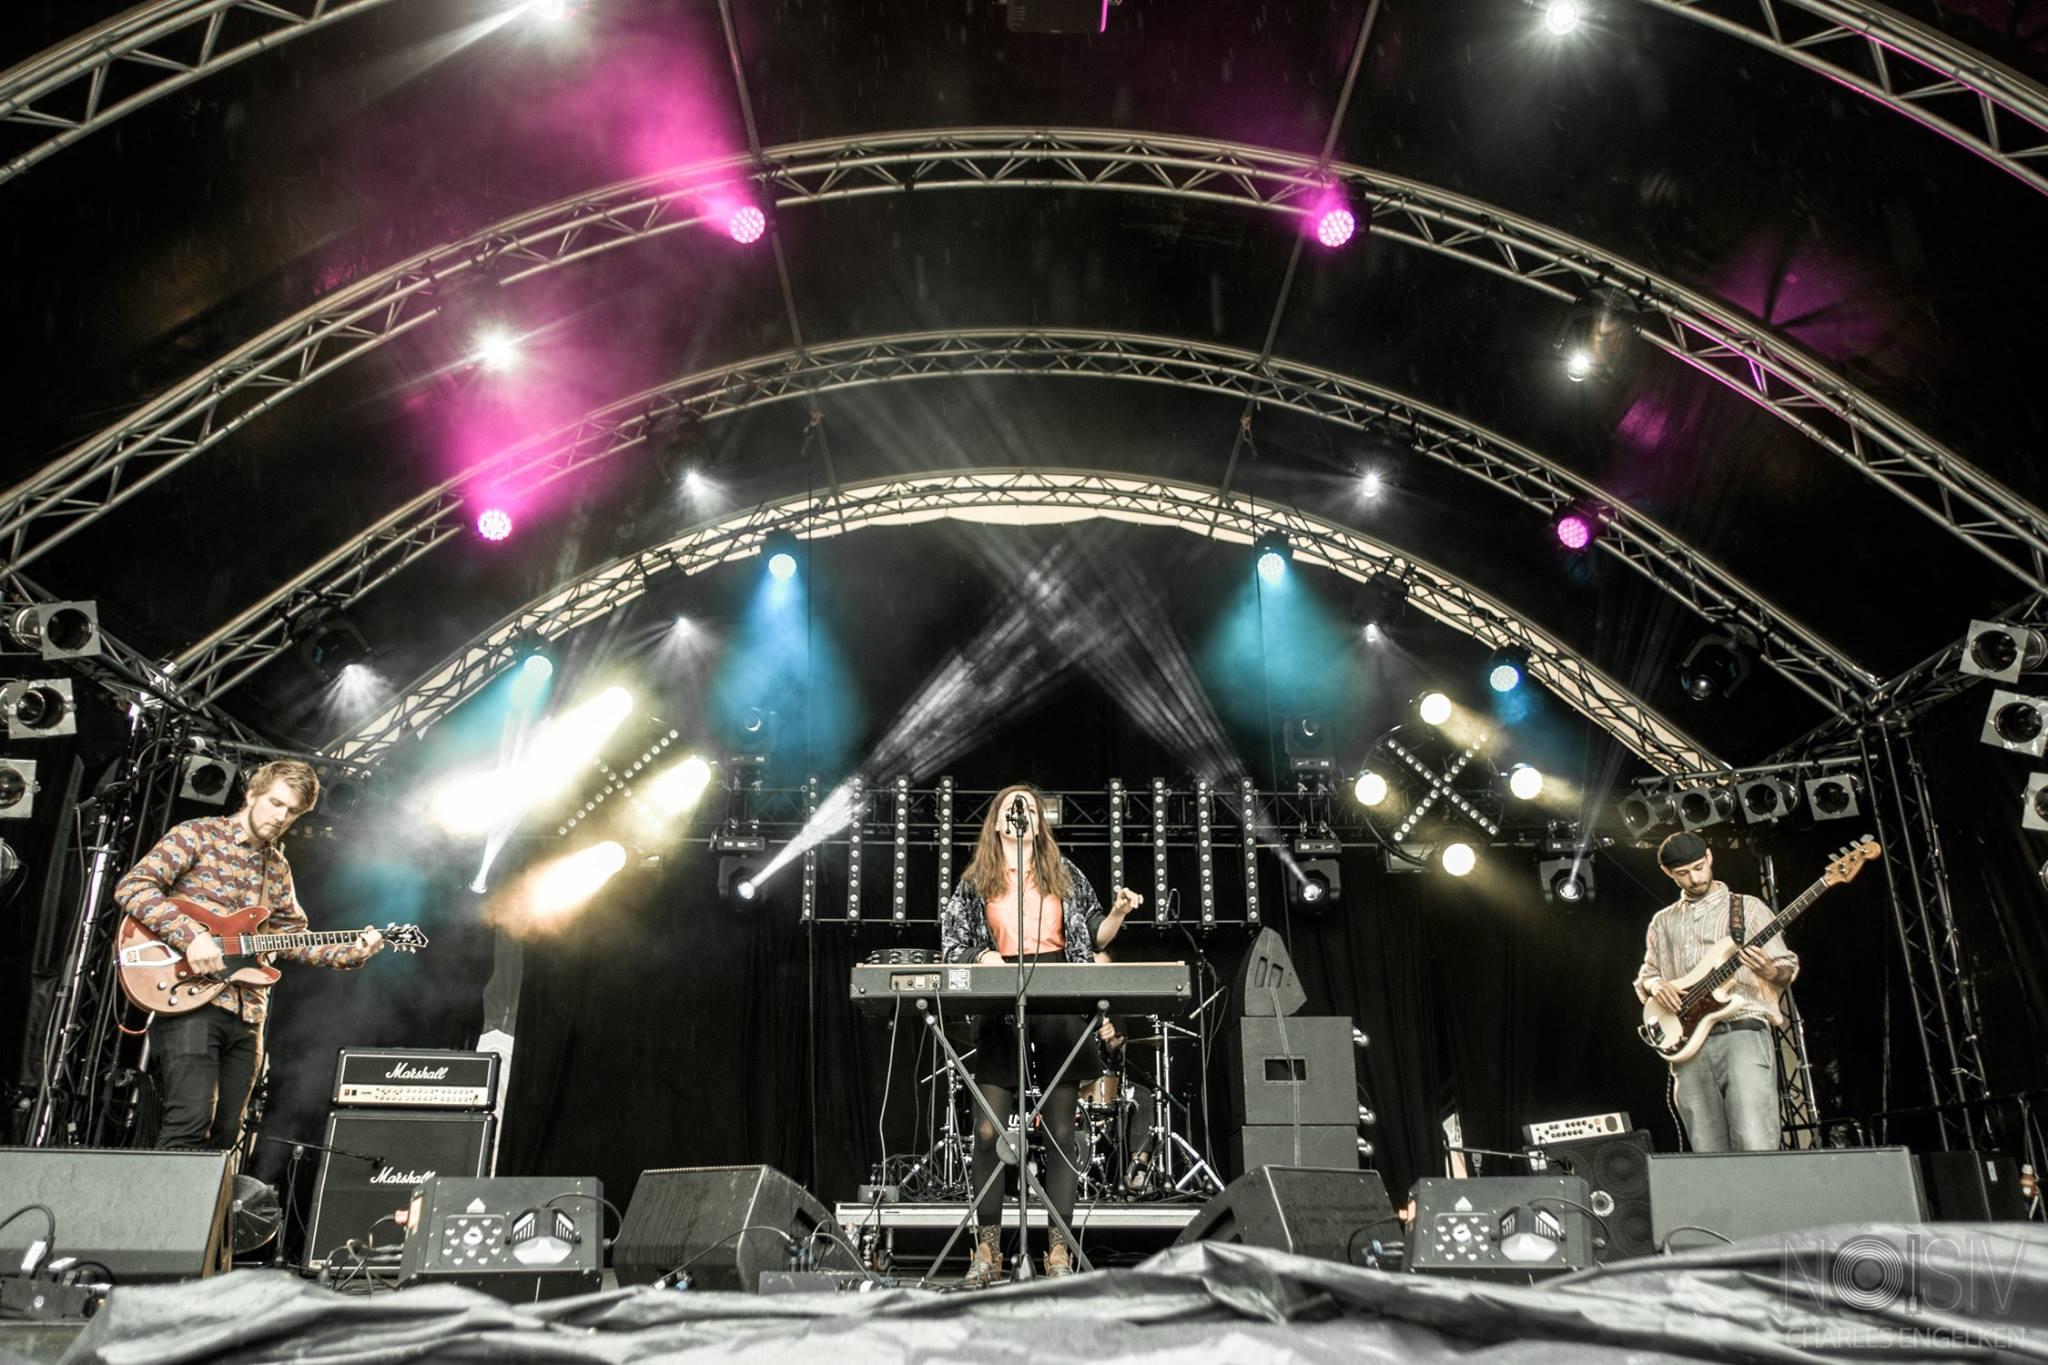 Das Wutzrock Festival wird 40 & feiert Open Air mit coolen Künstlern und for free!